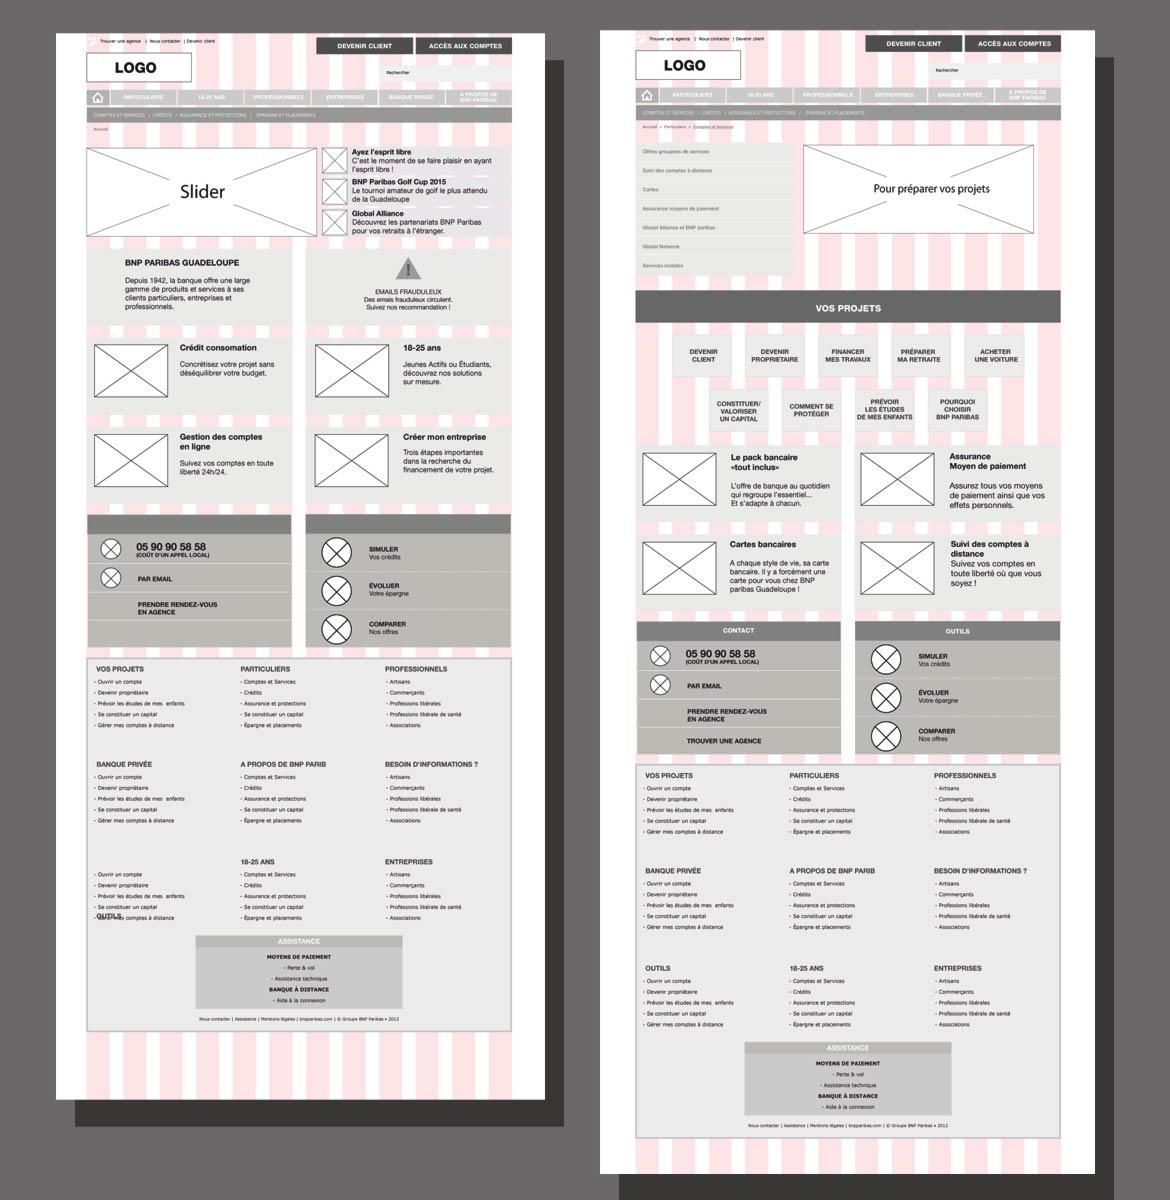 Image montrant des exemples de mockups des future écrans à designer